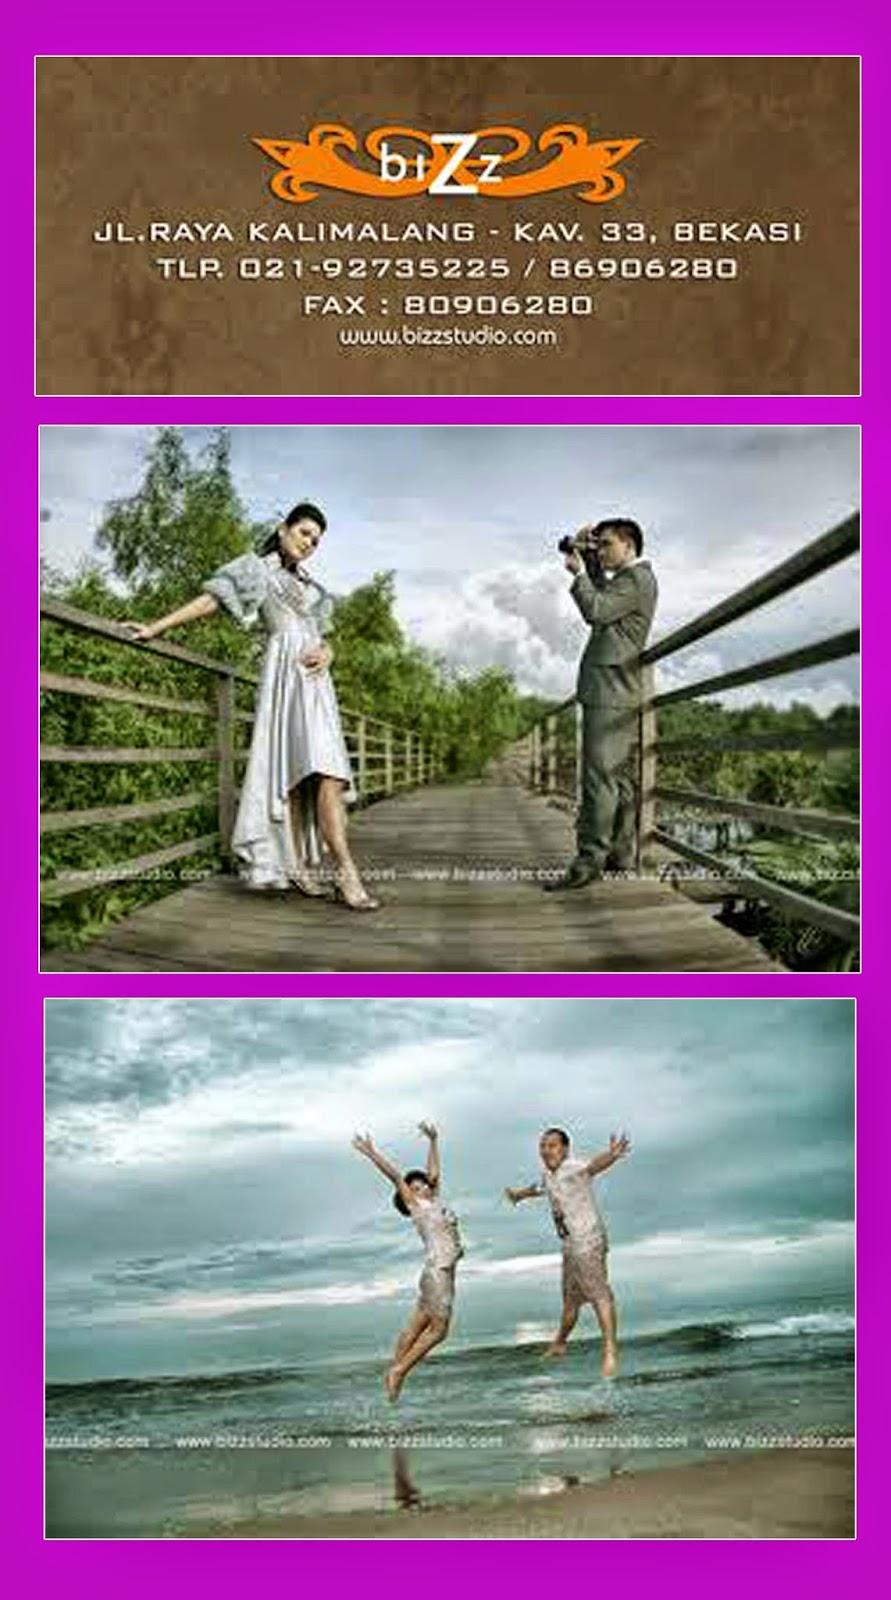 studio foto pre wedding murah,studio foto pre wedding di depok,studio foto pre wedding indoor,studio foto pre wedding di solo,studio foto pre wedding di tangerang,studio foto pre wedding di Jakarta,